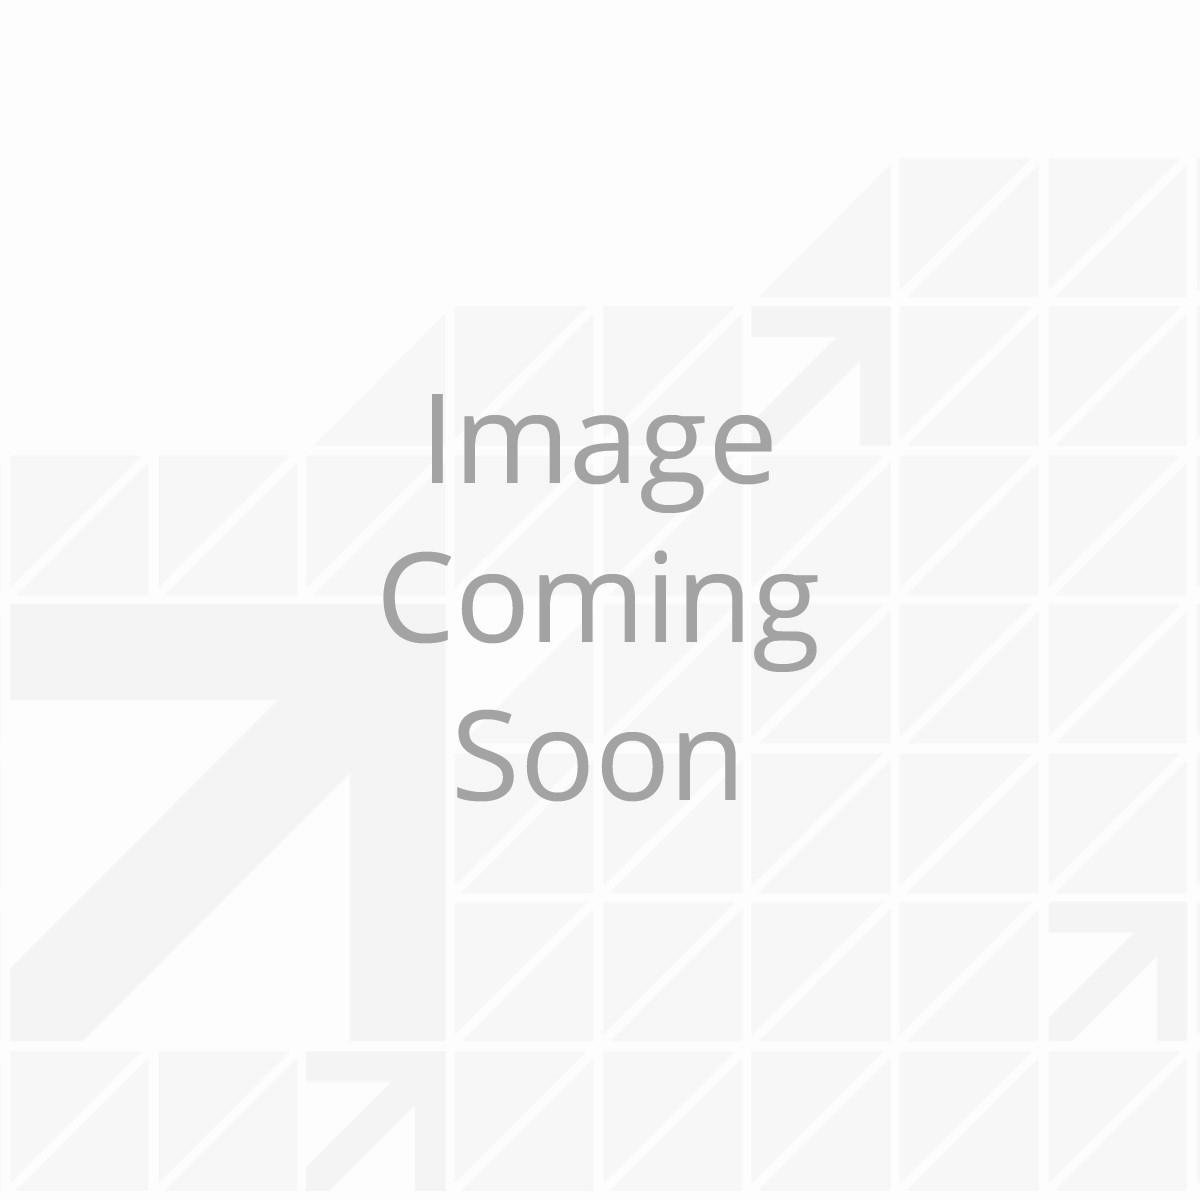 hydraulic-pump-gt-359-whreg-rt-lci-pump